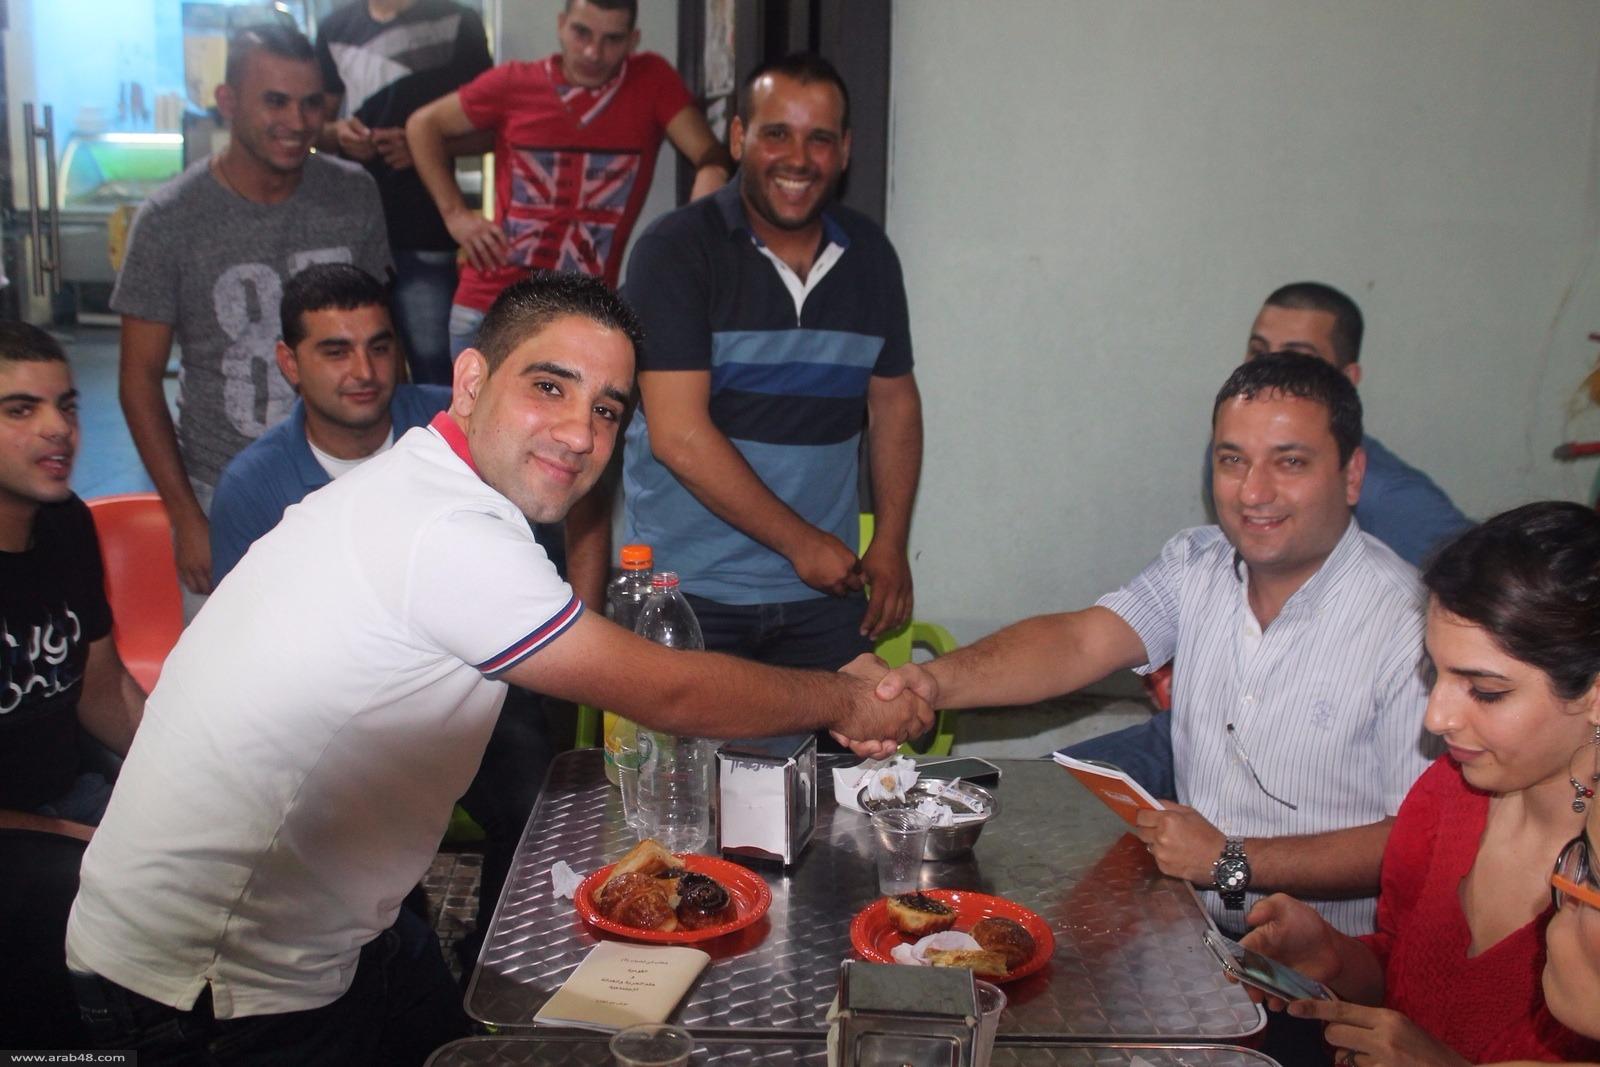 إكسال: التجمع ينتخب عبد الحليم دراوشة سكرتيرا للفرع